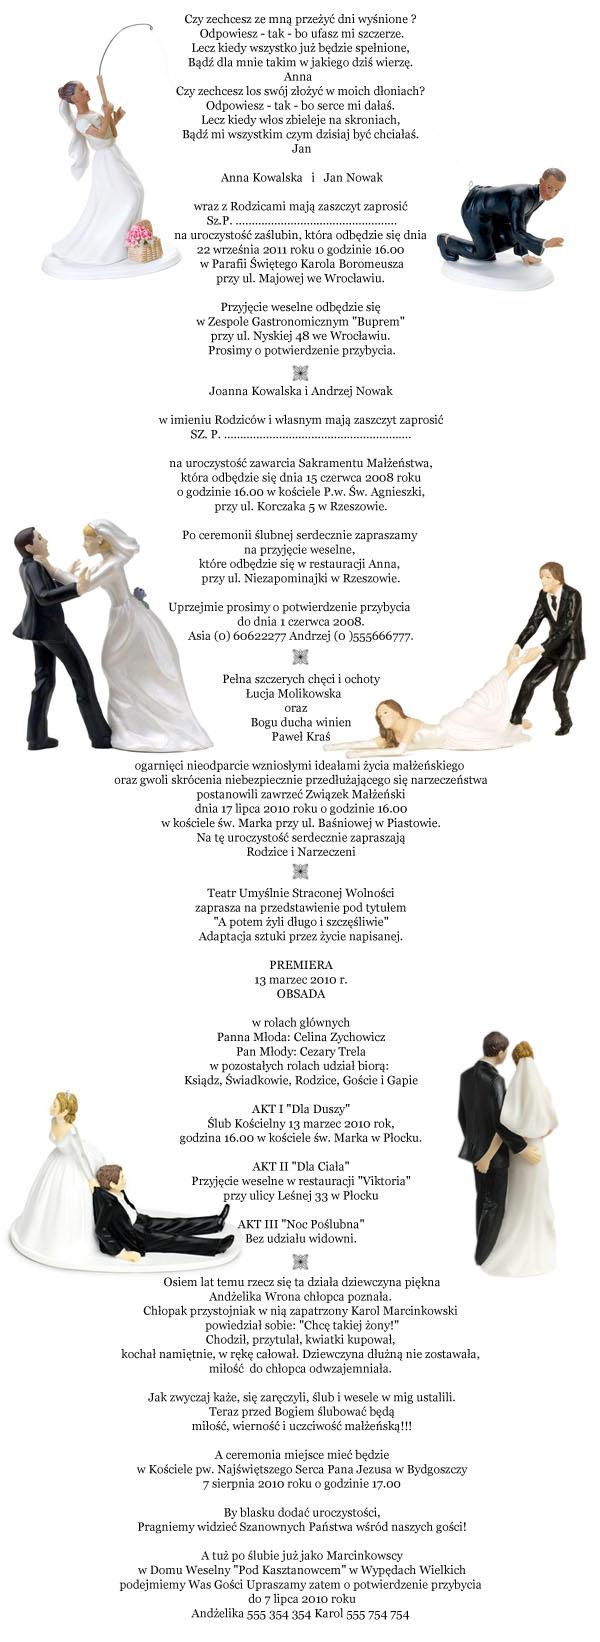 Teksty I Wiersze Na Zaproszenia ślubne Welon I Muszka